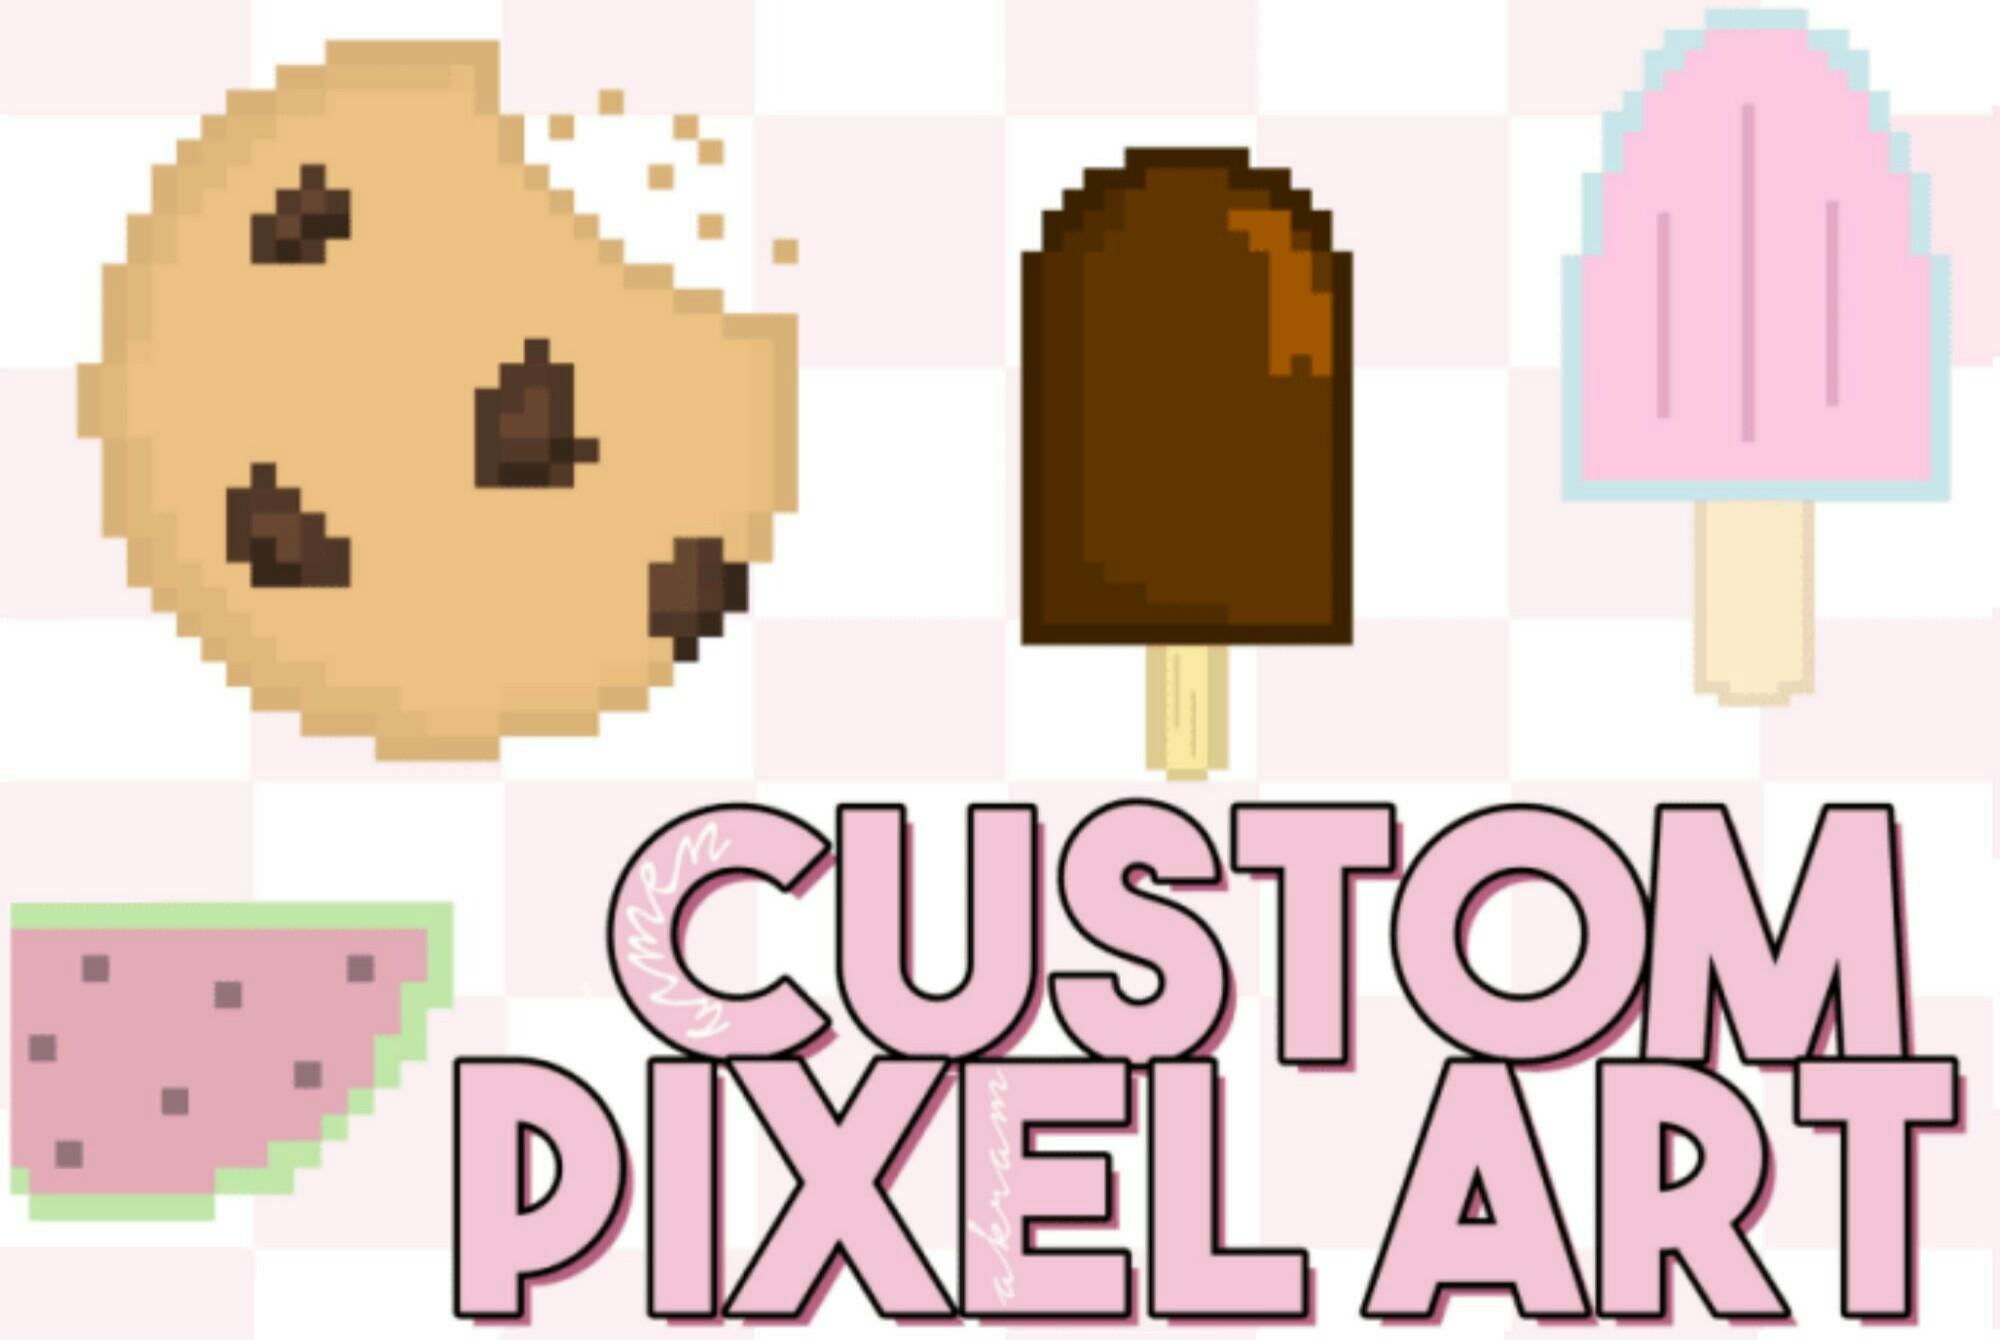 Get 2 Custom Pixel Art Drawings in 24 Hours